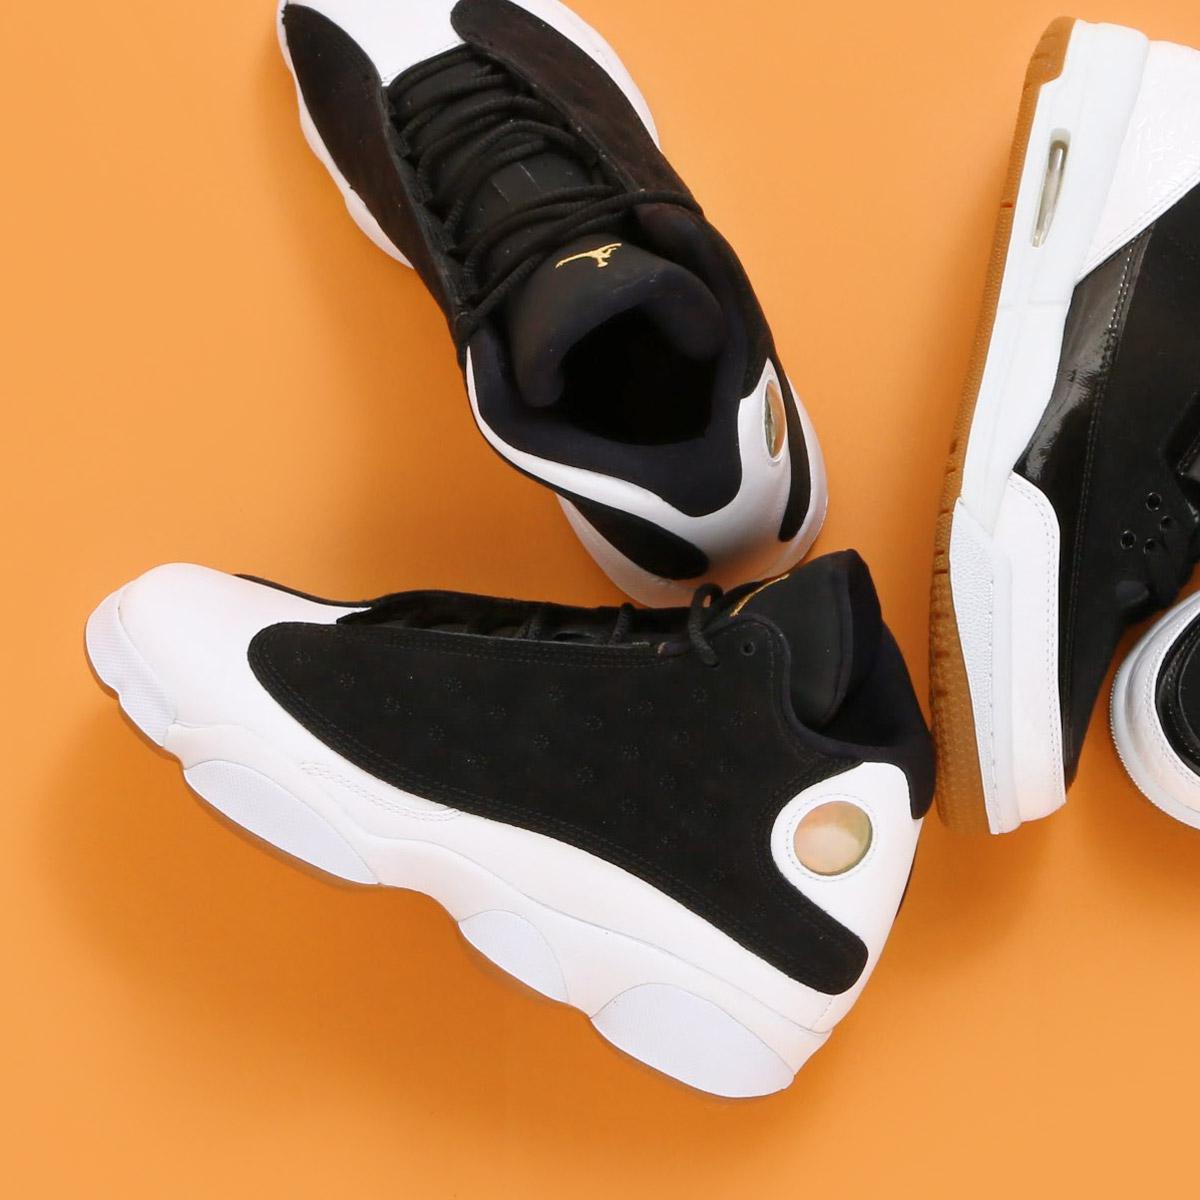 ed046f5e47d NIKE AIR JORDAN RETRO 13 GG (Nike girls Air Jordan 13 nostalgic GG) (BLACK METALLIC  GOLD-WHITE-GUM MED BROWN)18SP-S